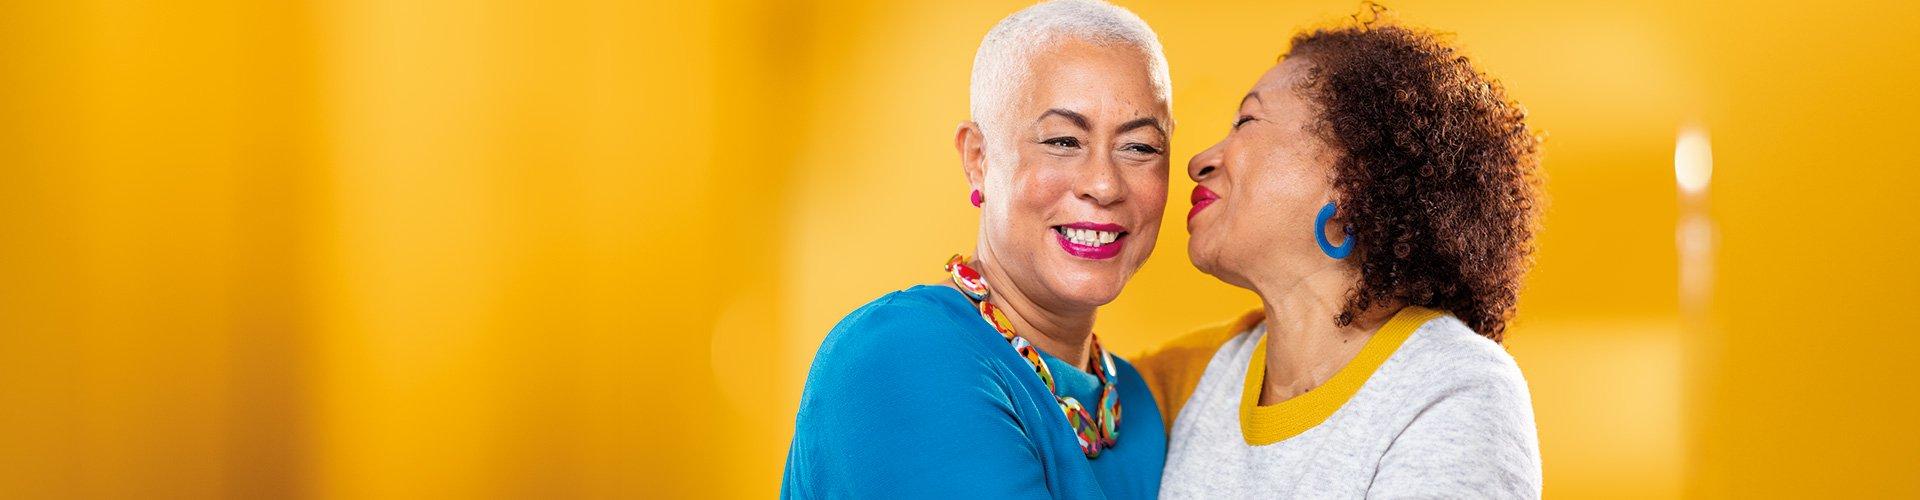 두 명의 여성이 서로 듣고 얘기하고 있습니다. 청력 손실이 있어도 필립스 히어링크(HearLink) 보청기로 계속 잘 들을 수 있습니다.